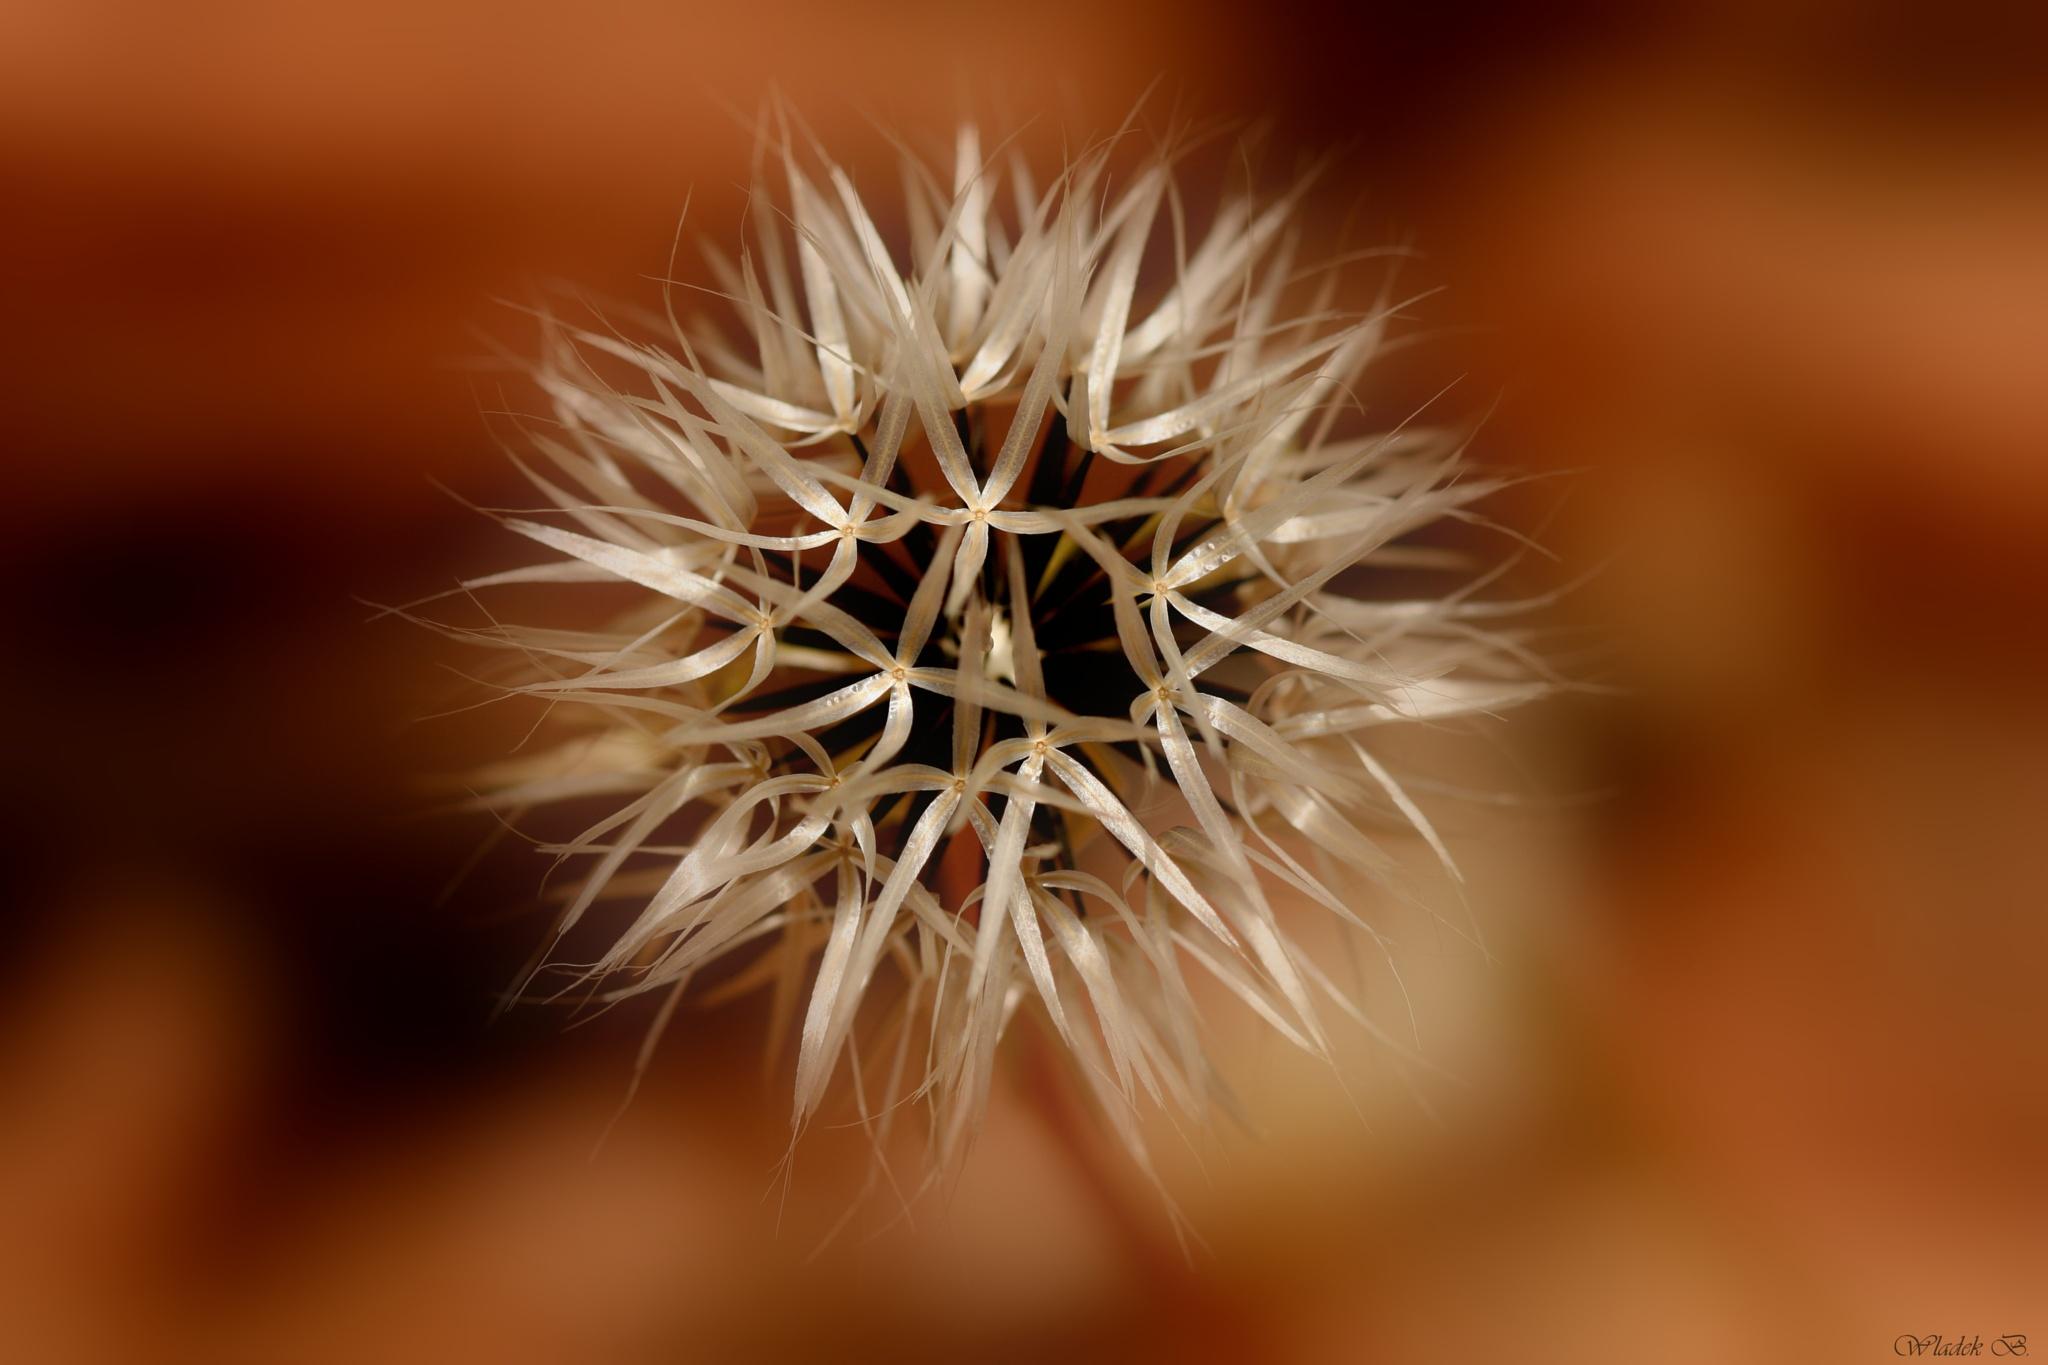 Desert Flower by Wladek